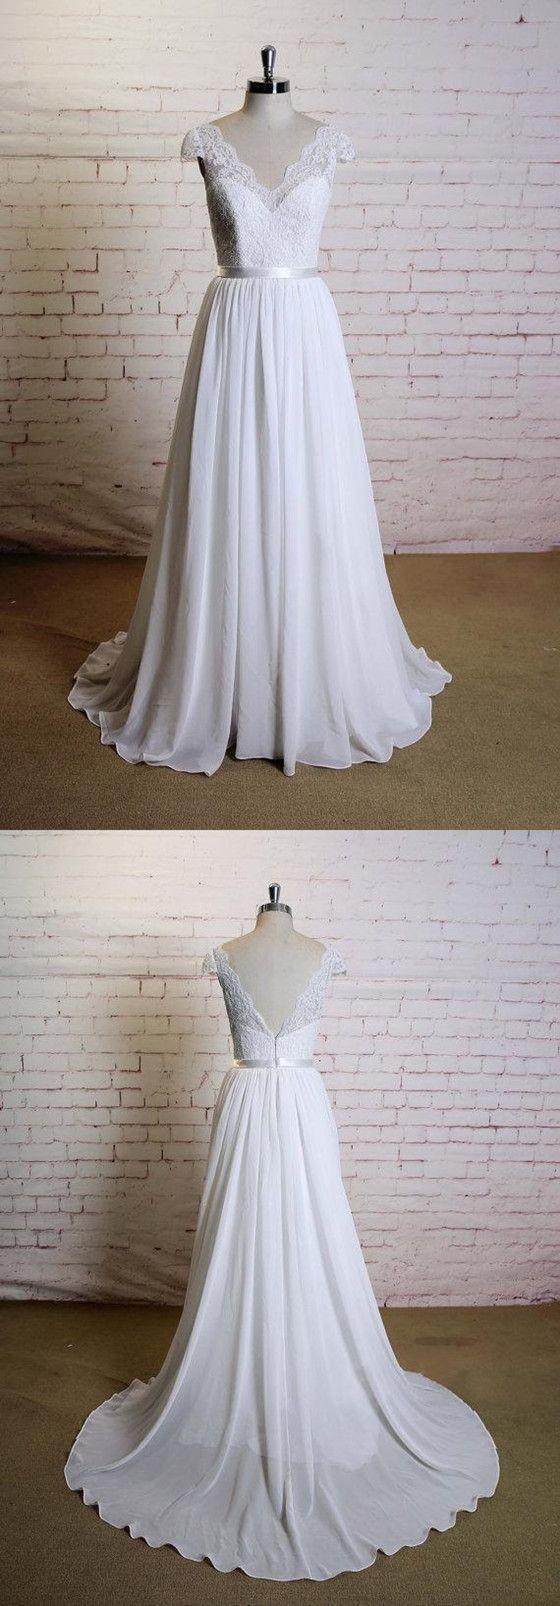 Elegant aline floorlength vneck cap sleeve lace top simple